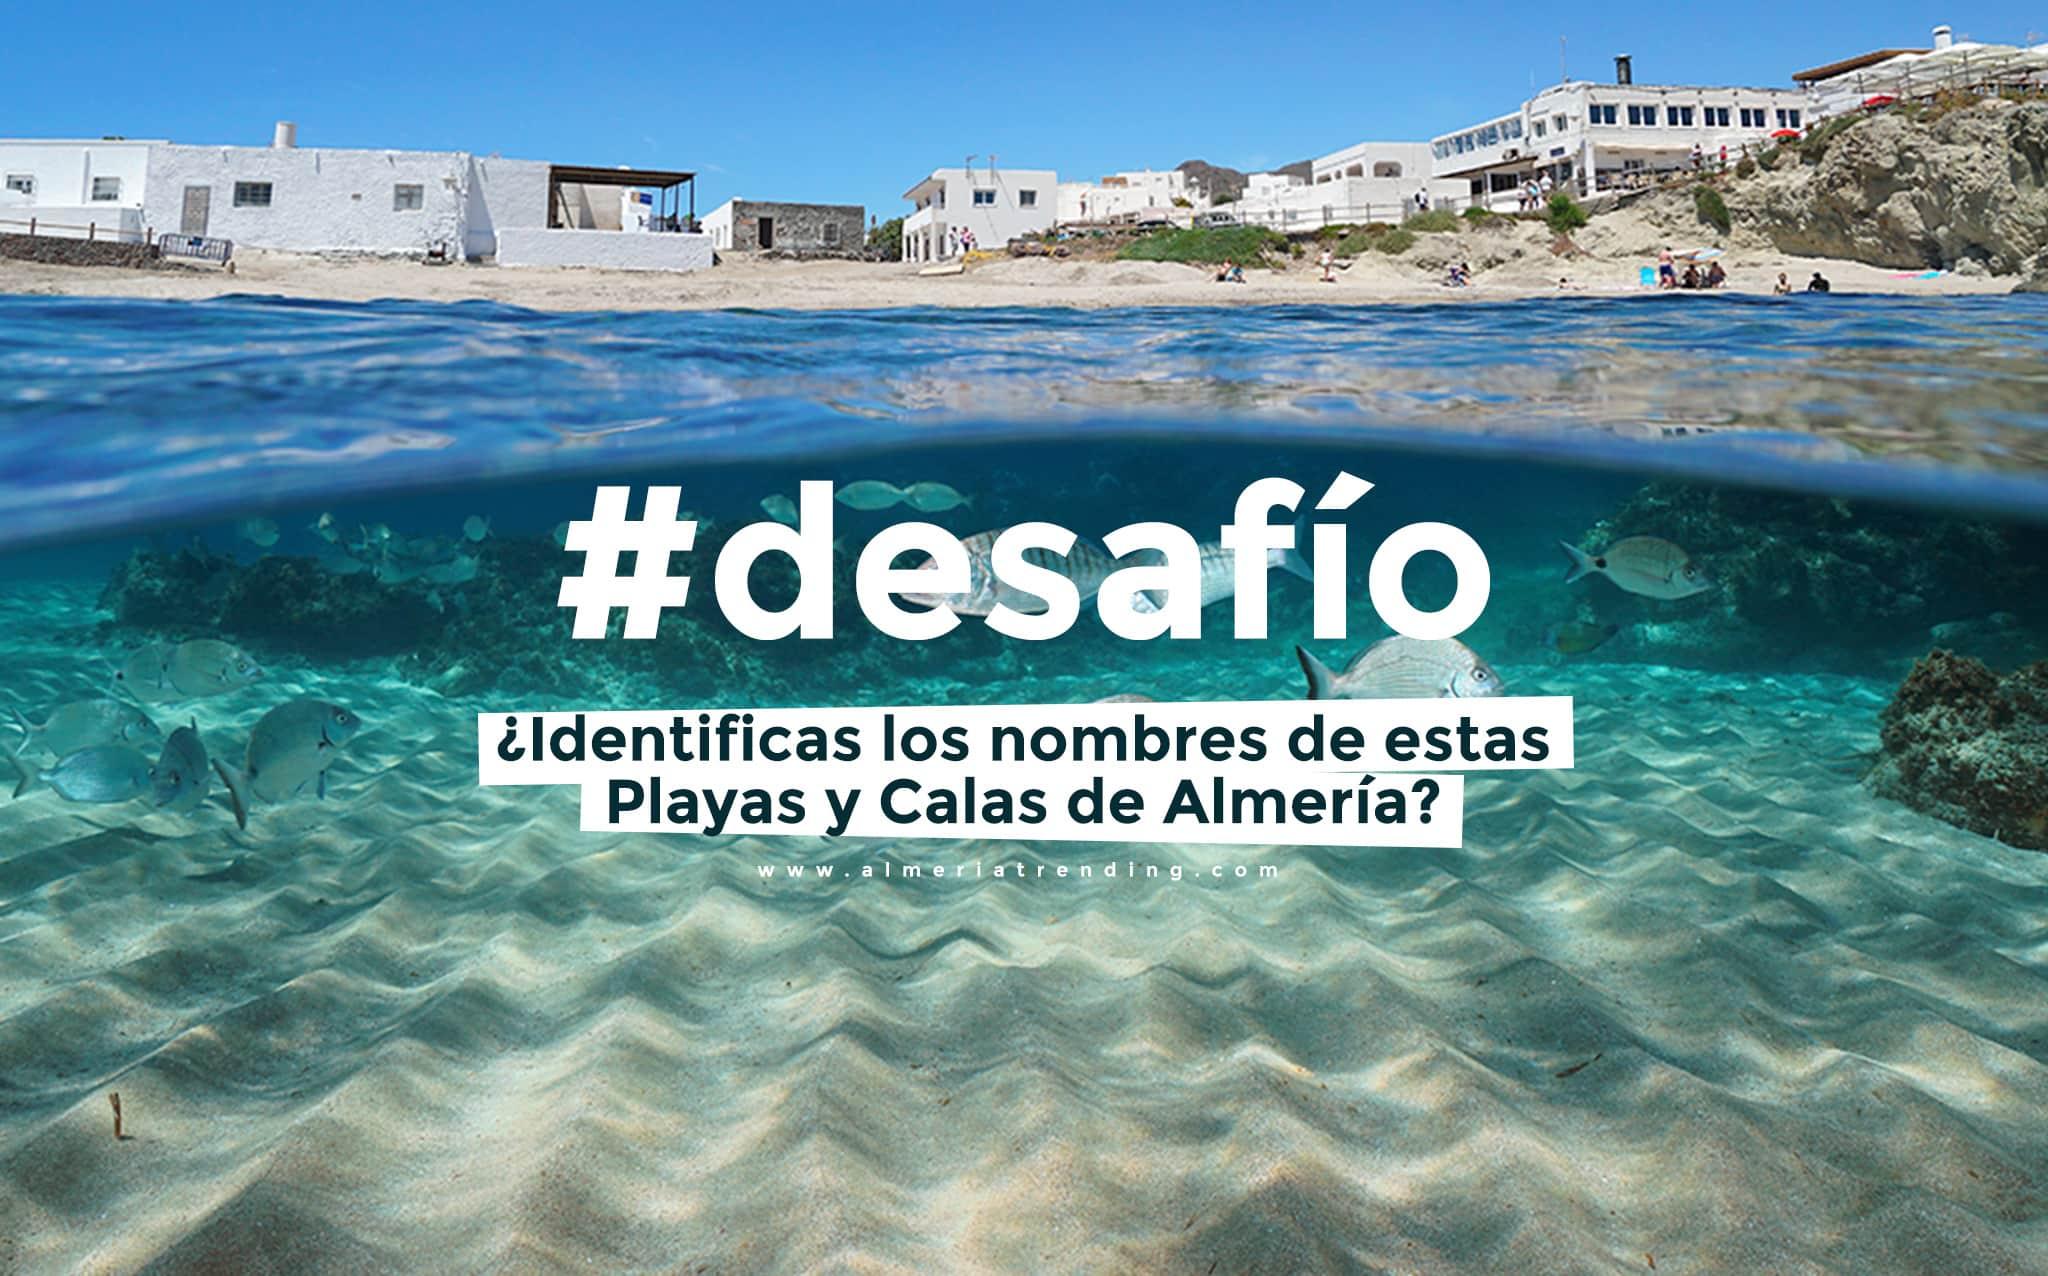 Reto Playas y Calas de Almería